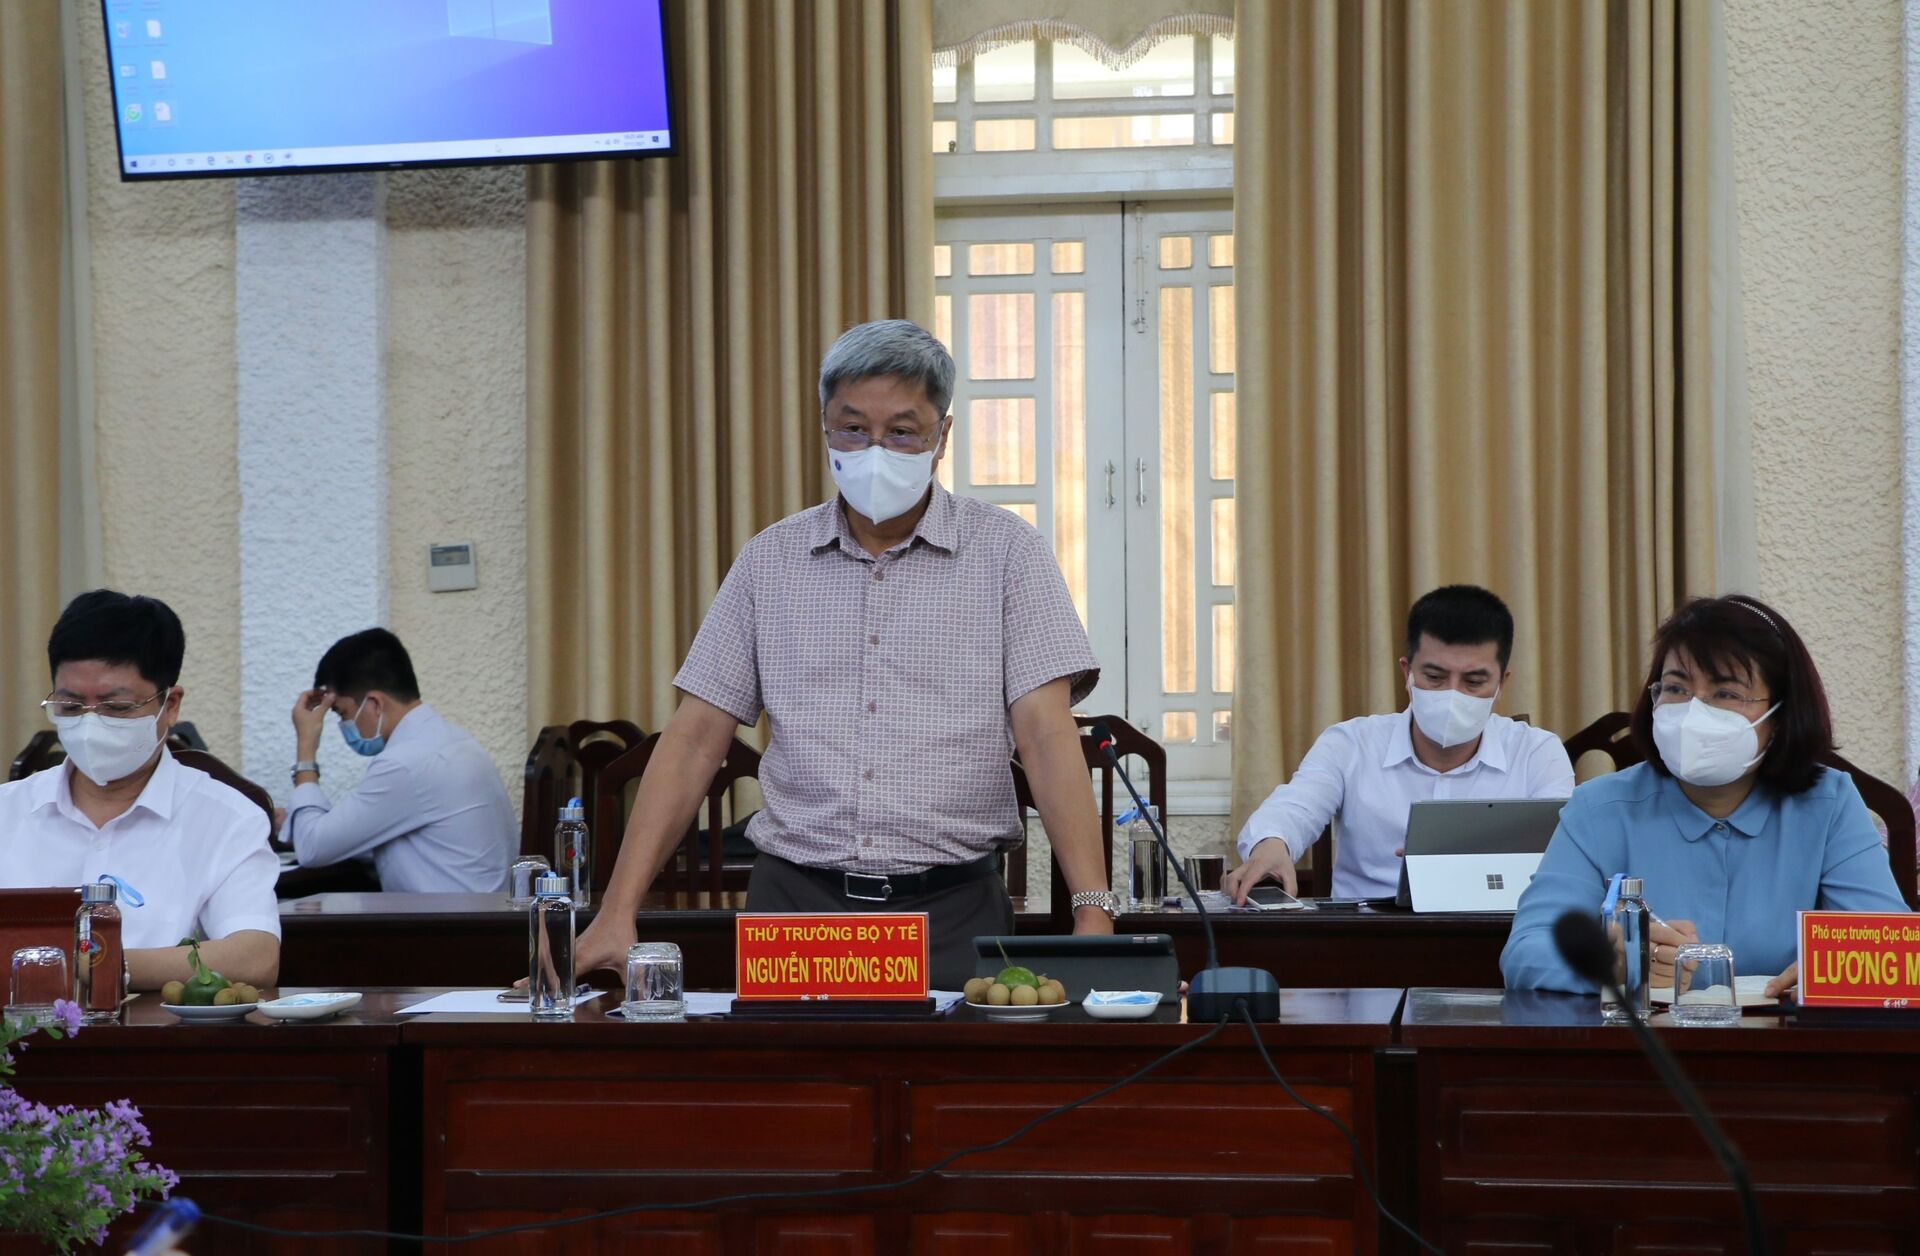 TP.HCM sẽ tăng cường biện pháp thắt chặt việc di chuyển của người dân - Sputnik Việt Nam, 1920, 25.07.2021